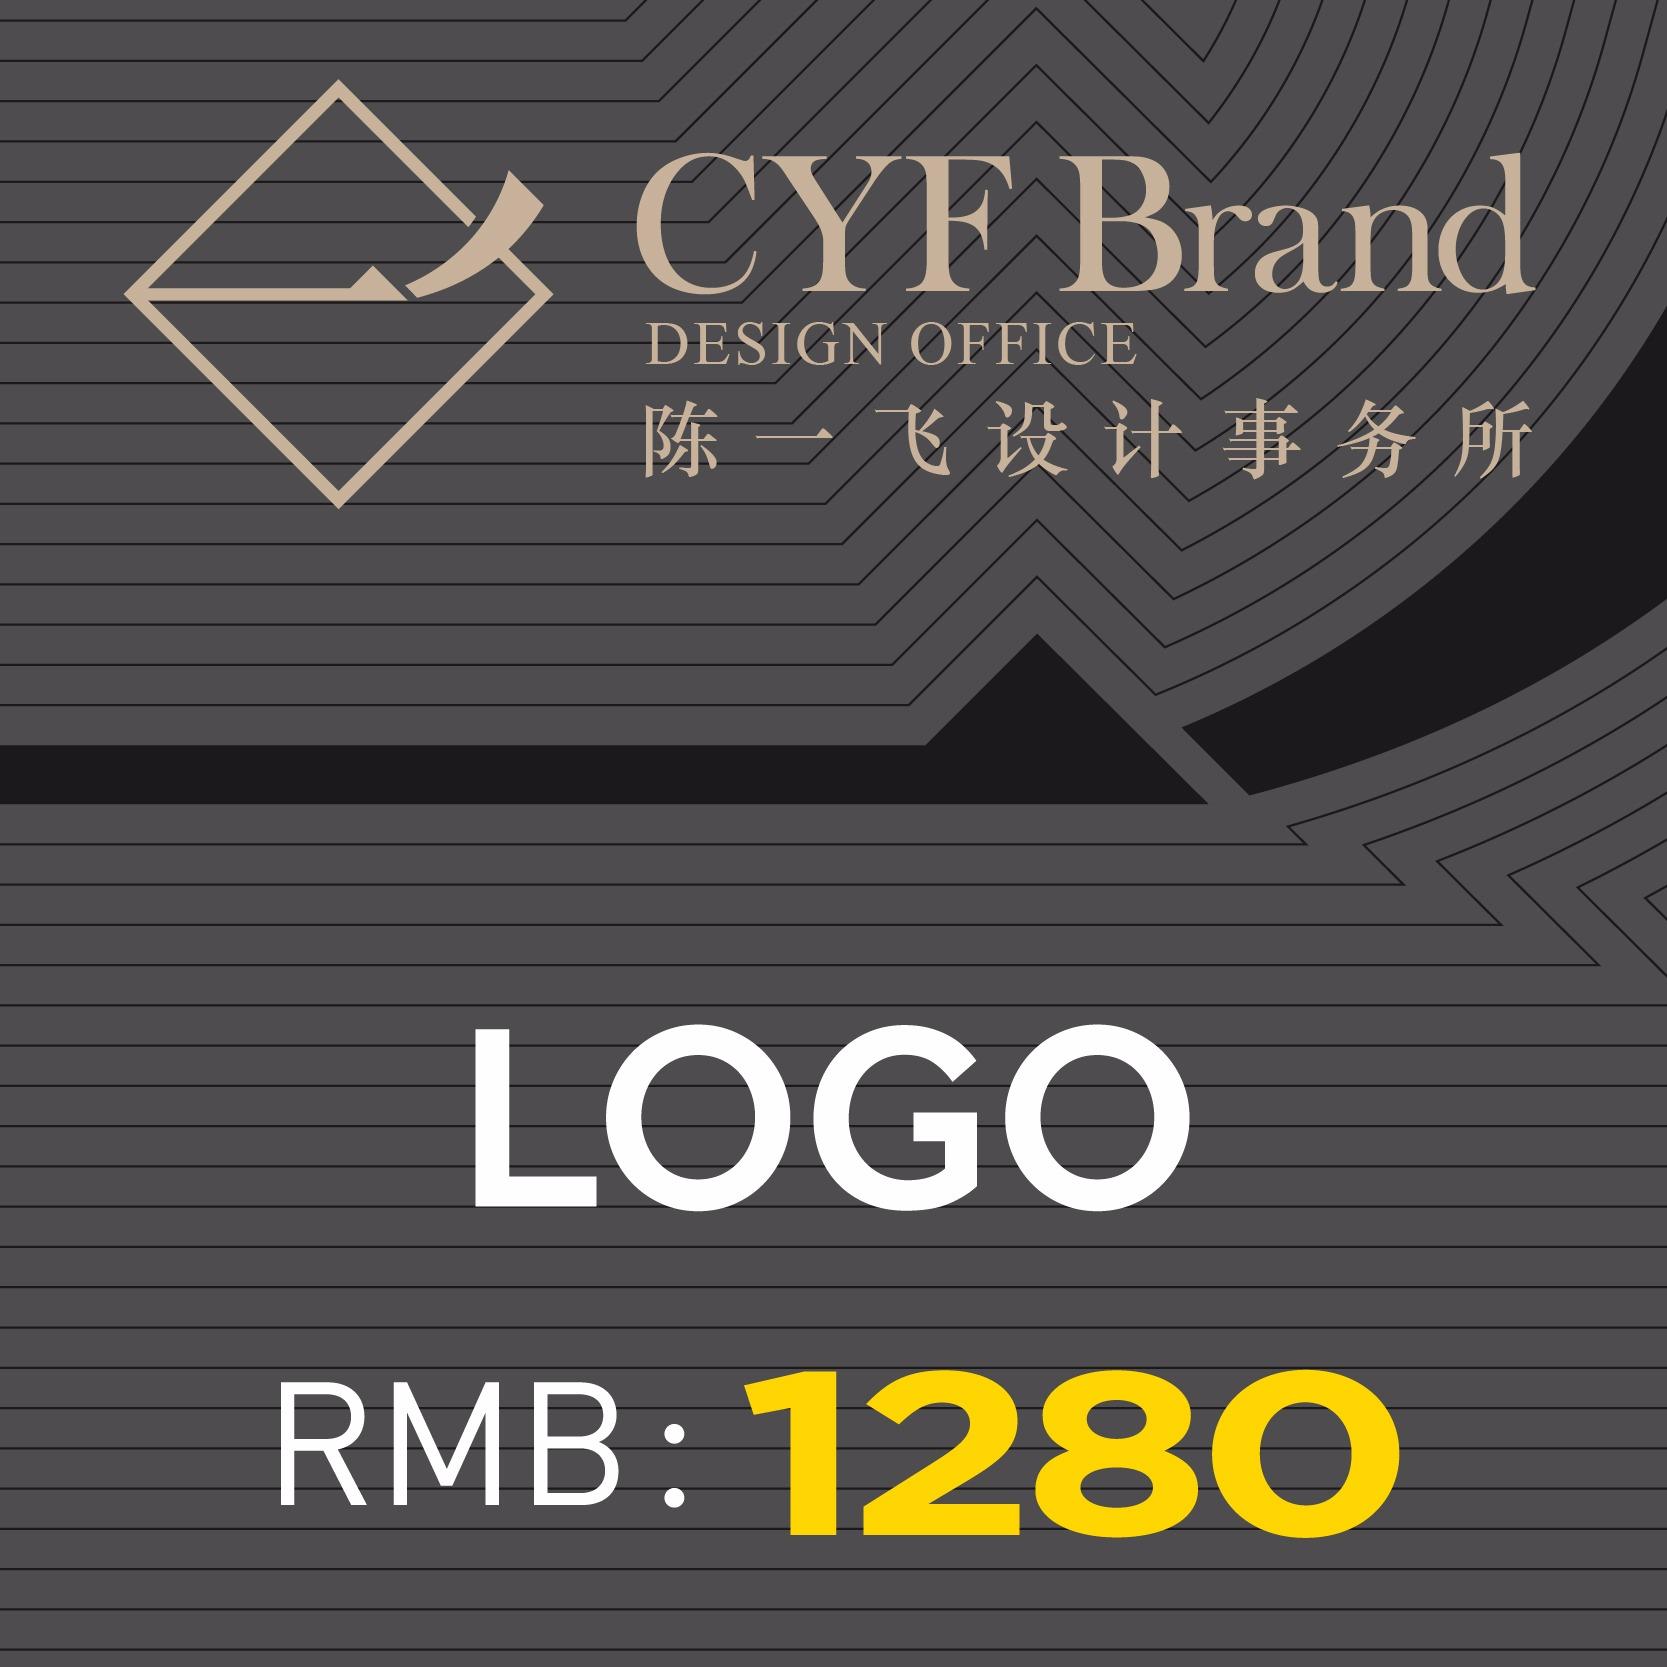 【零售百货】logo设计图标Icon设计图标制作店标设计